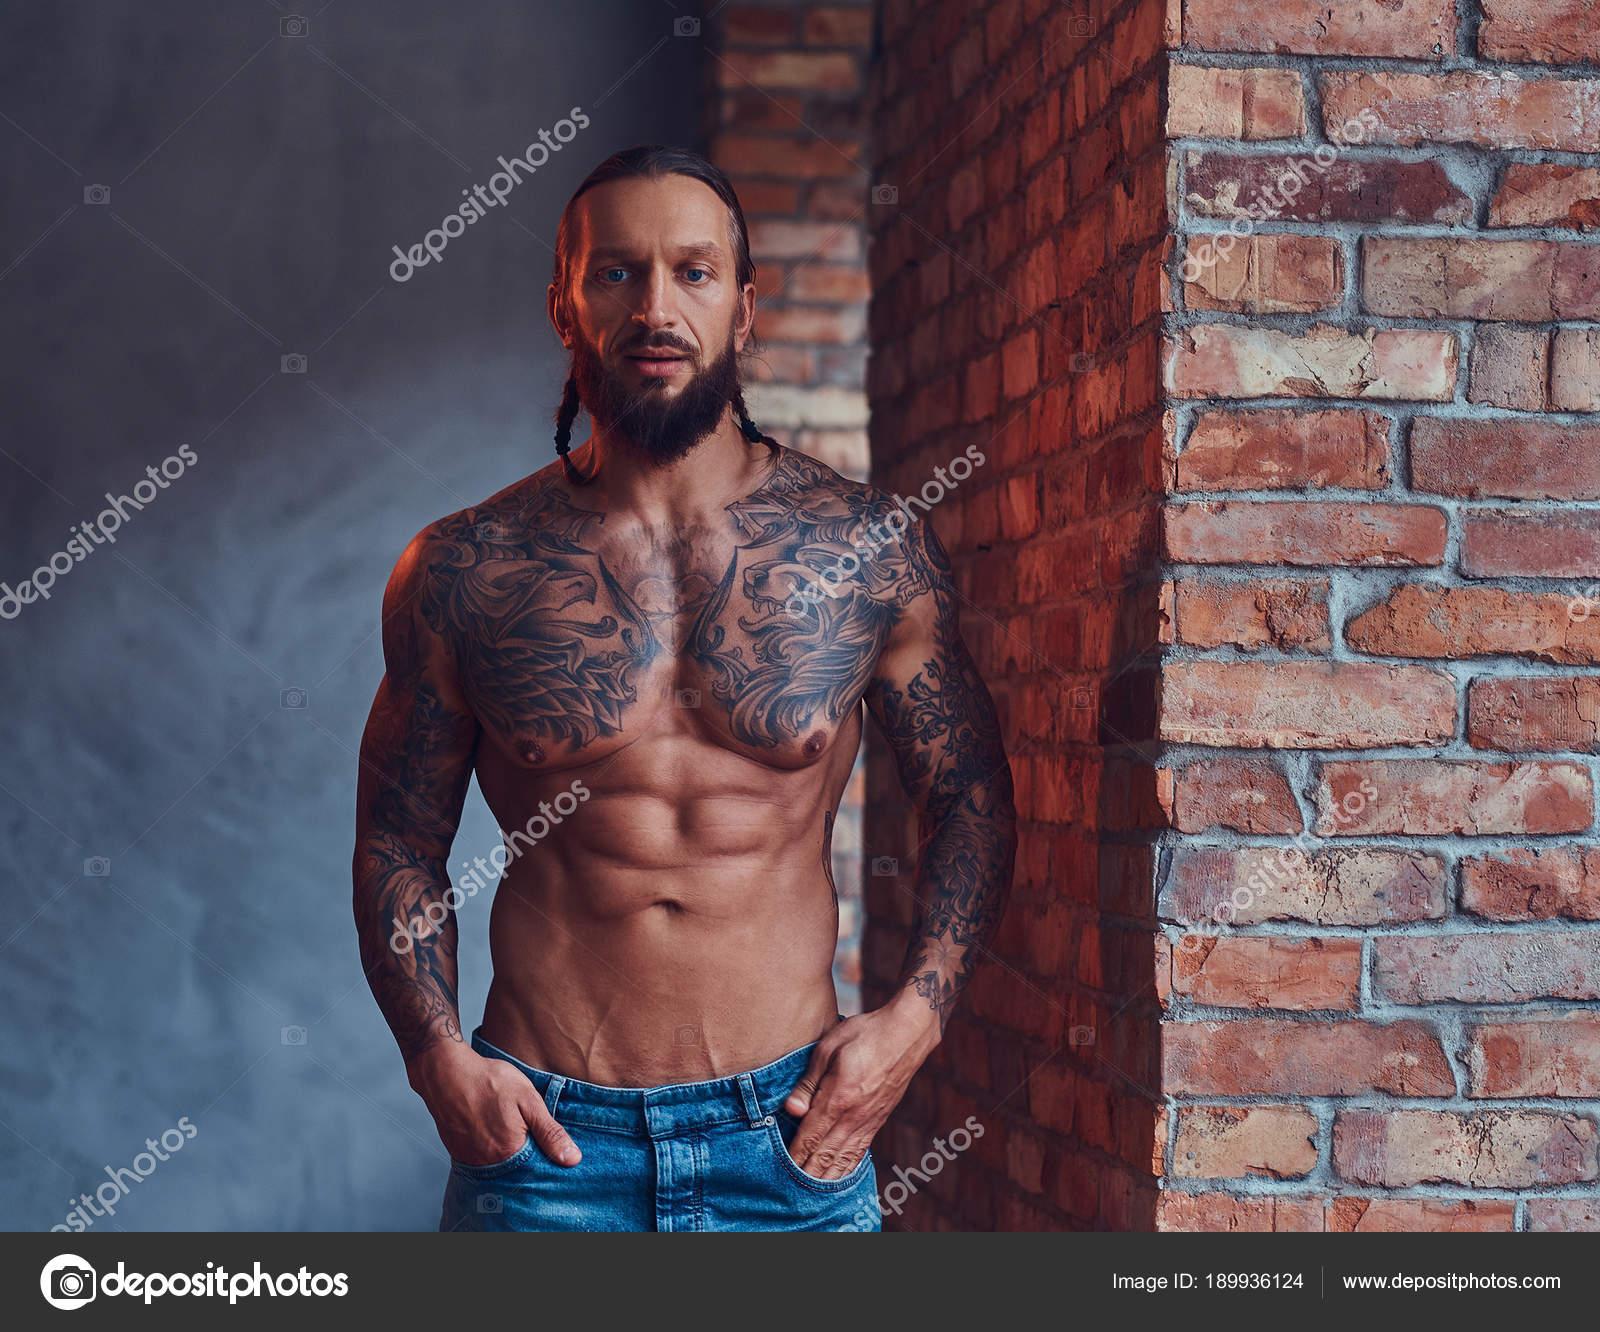 beau male torse nu tatoue avec elegant coupe de cheveux et barbe debout appuye contre un mur de briques dans une cuisine image de fxquadro